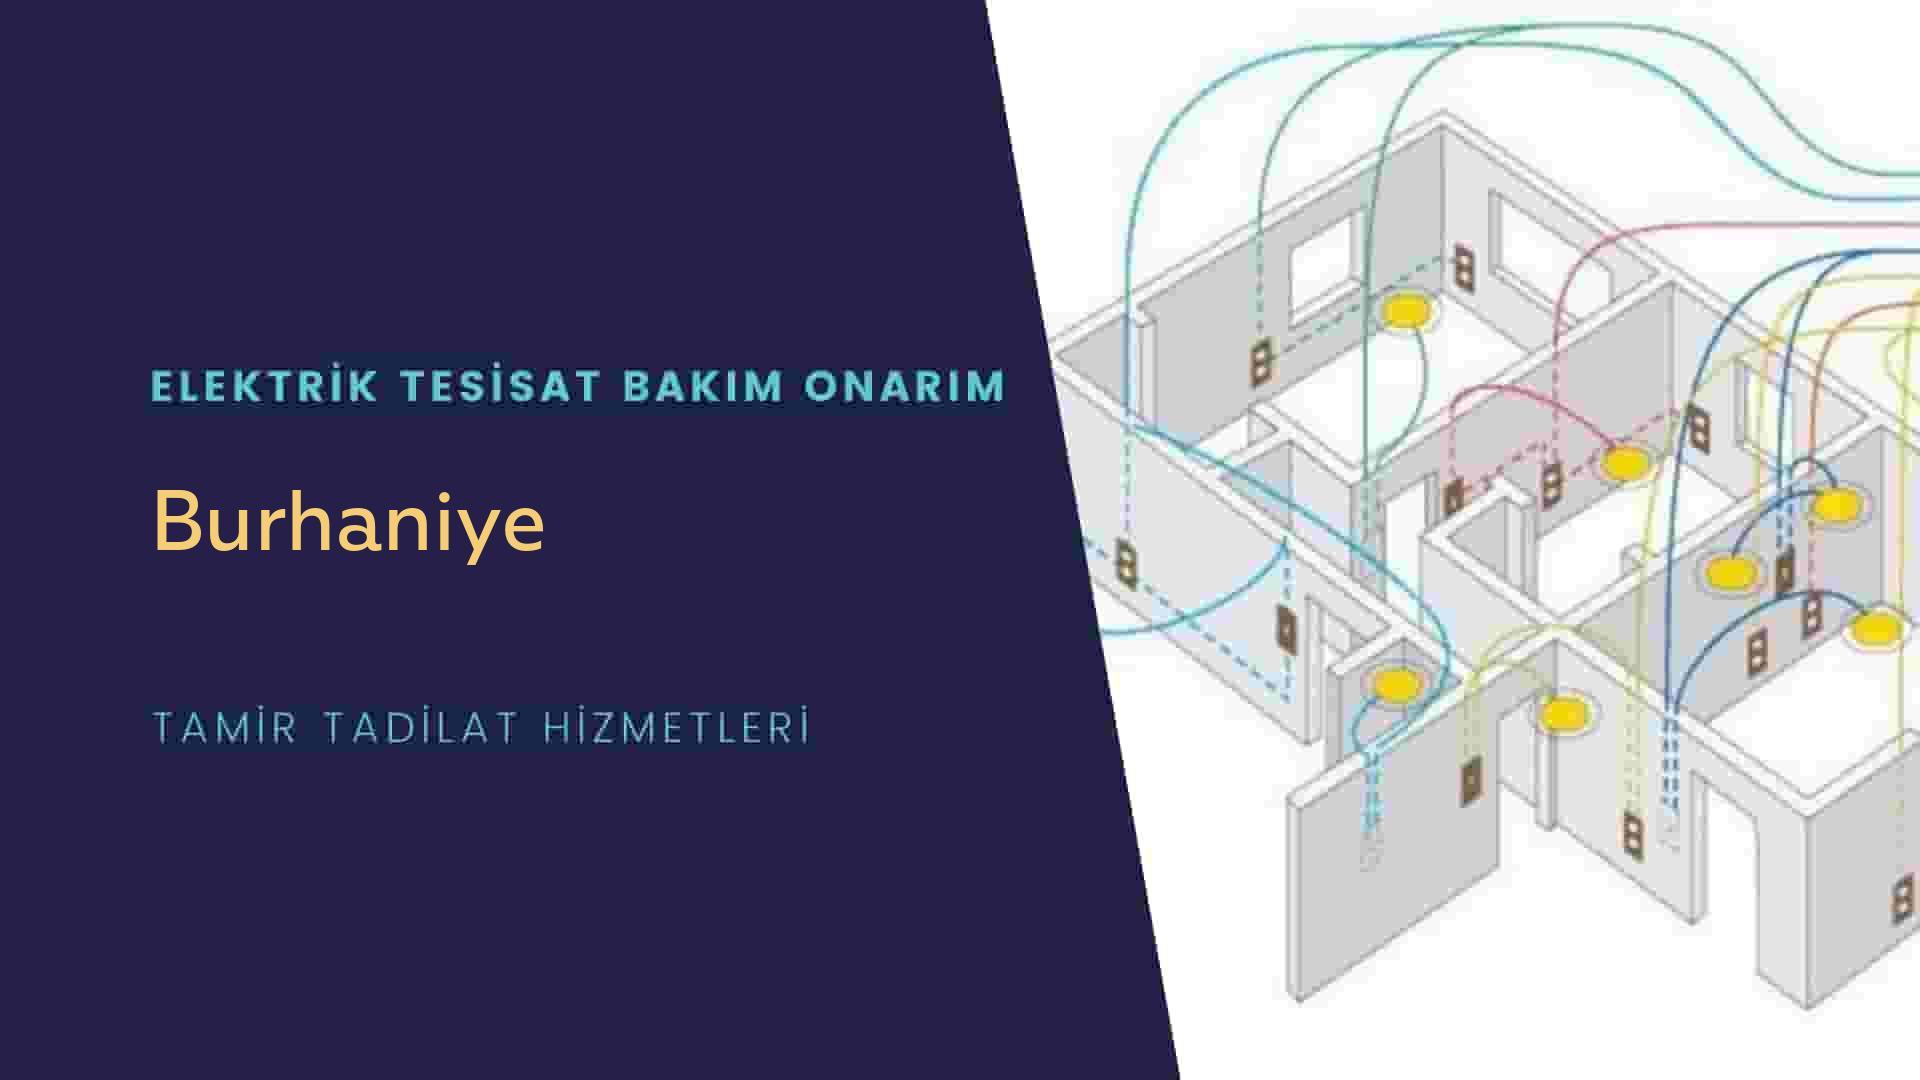 Burhaniye'de elektrik tesisatıustalarımı arıyorsunuz doğru adrestenizi Burhaniye elektrik tesisatı ustalarımız 7/24 sizlere hizmet vermekten mutluluk duyar.